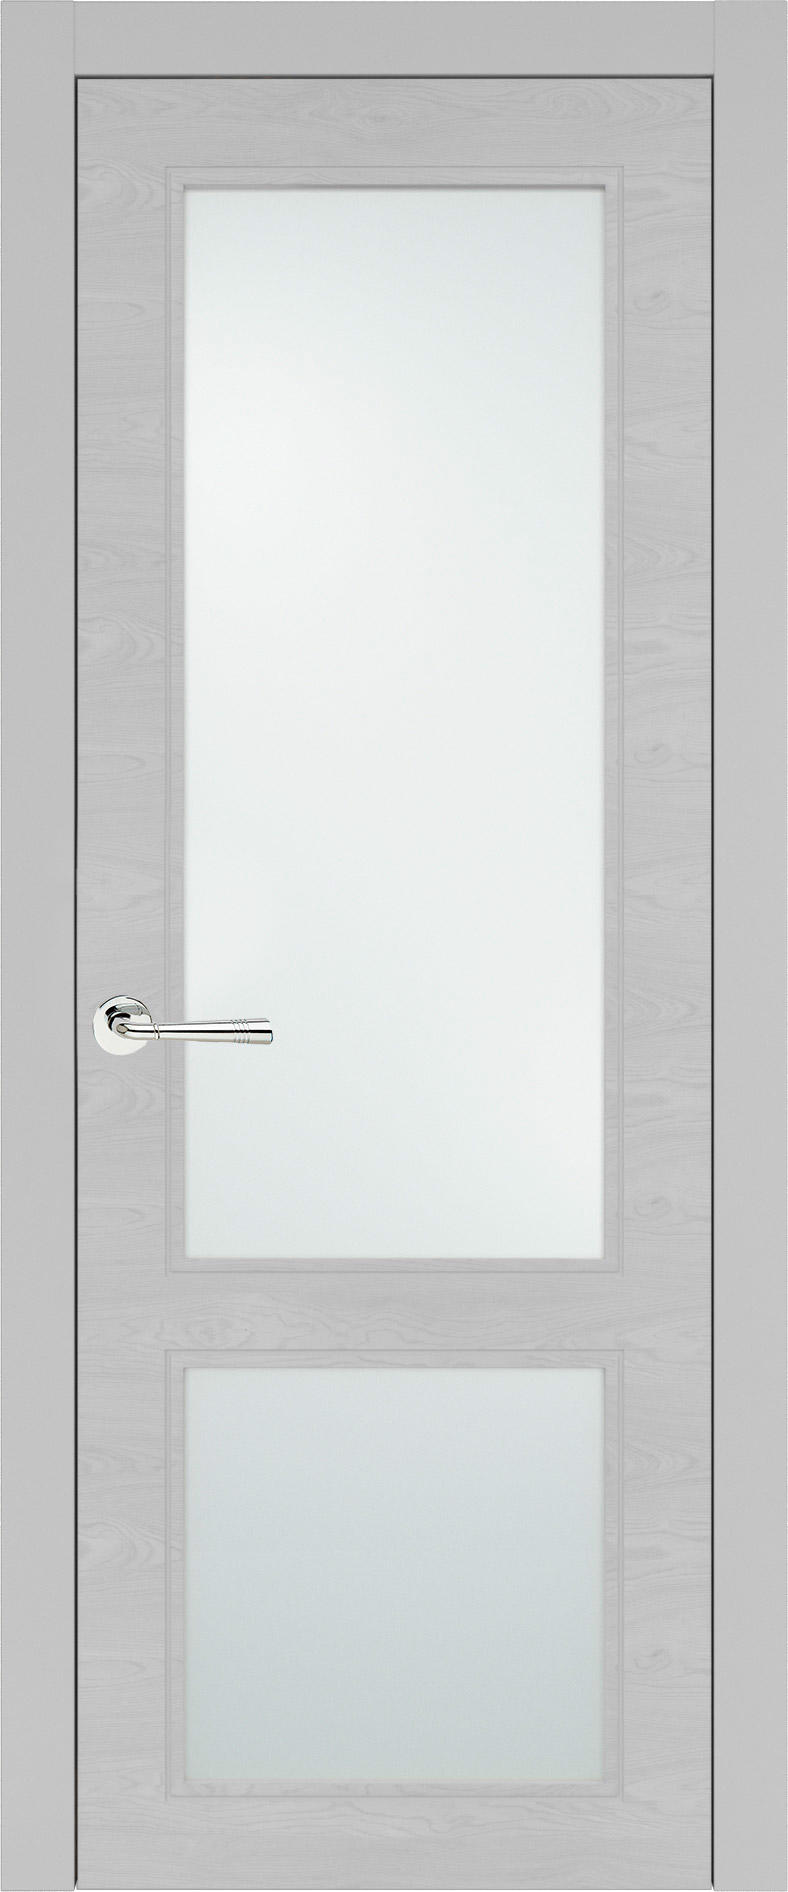 Dinastia Neo Classic цвет - Серая эмаль по шпону (RAL 7047) Со стеклом (ДО)